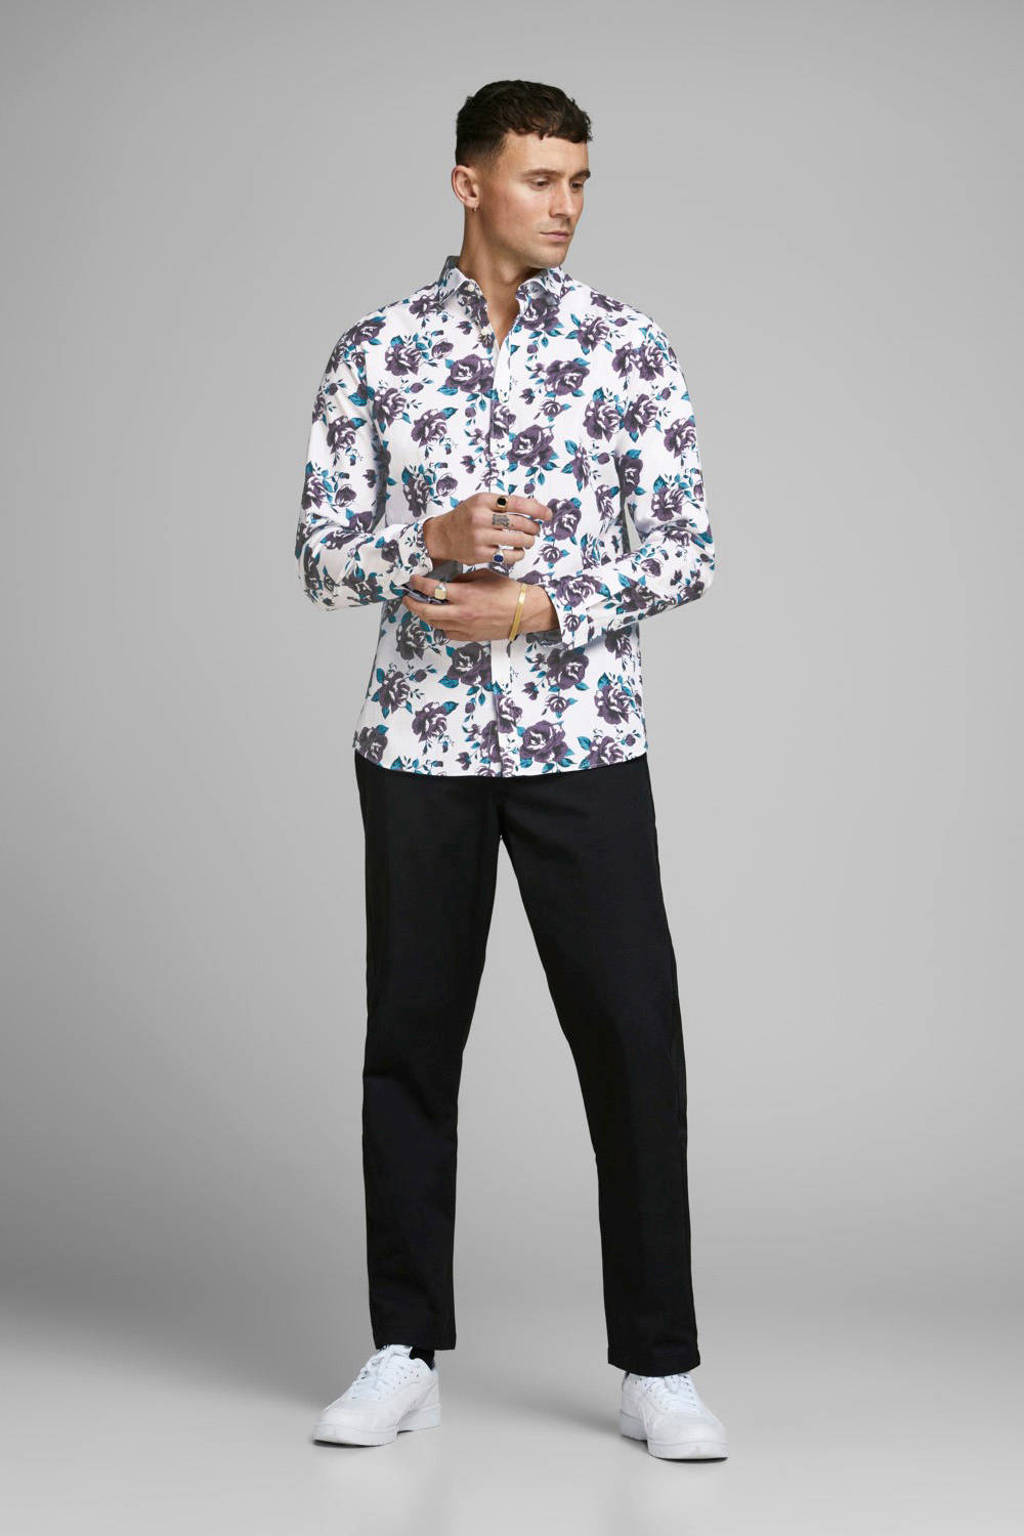 JACK & JONES PREMIUM gebloemd slim fit overhemd wit/paars/blauw, Wit/paars/blauw